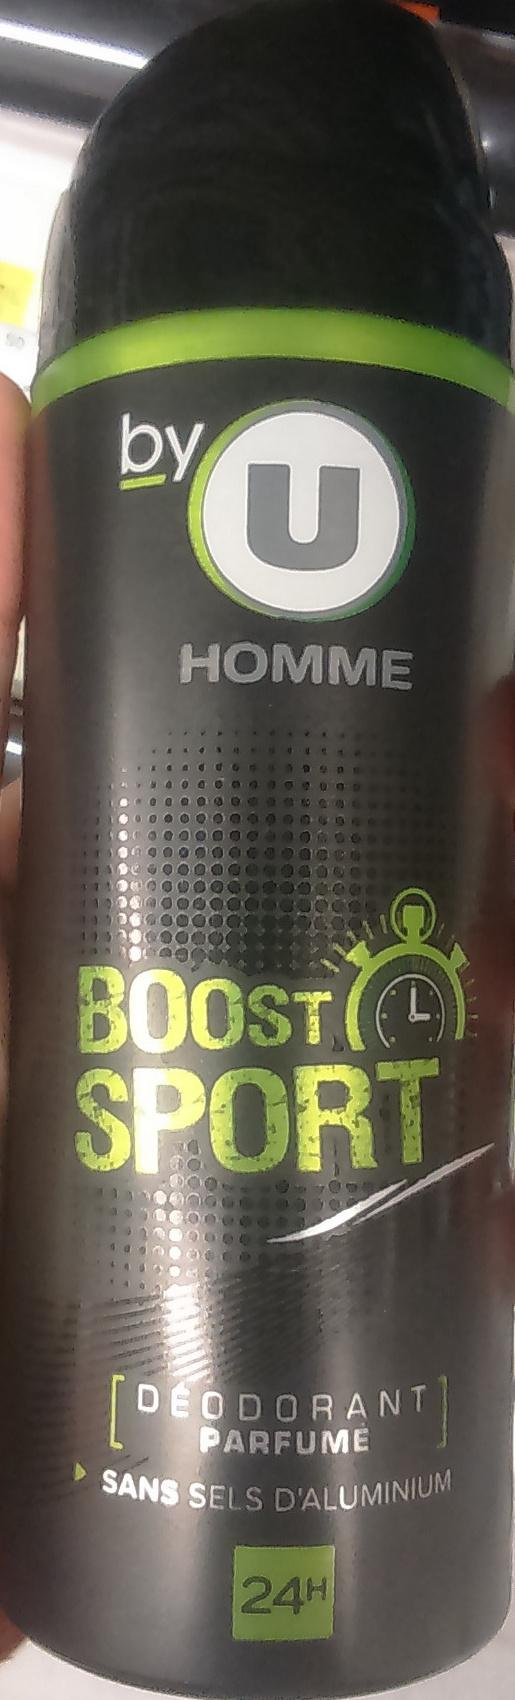 Déodorant parfumé Boost Sport - Product